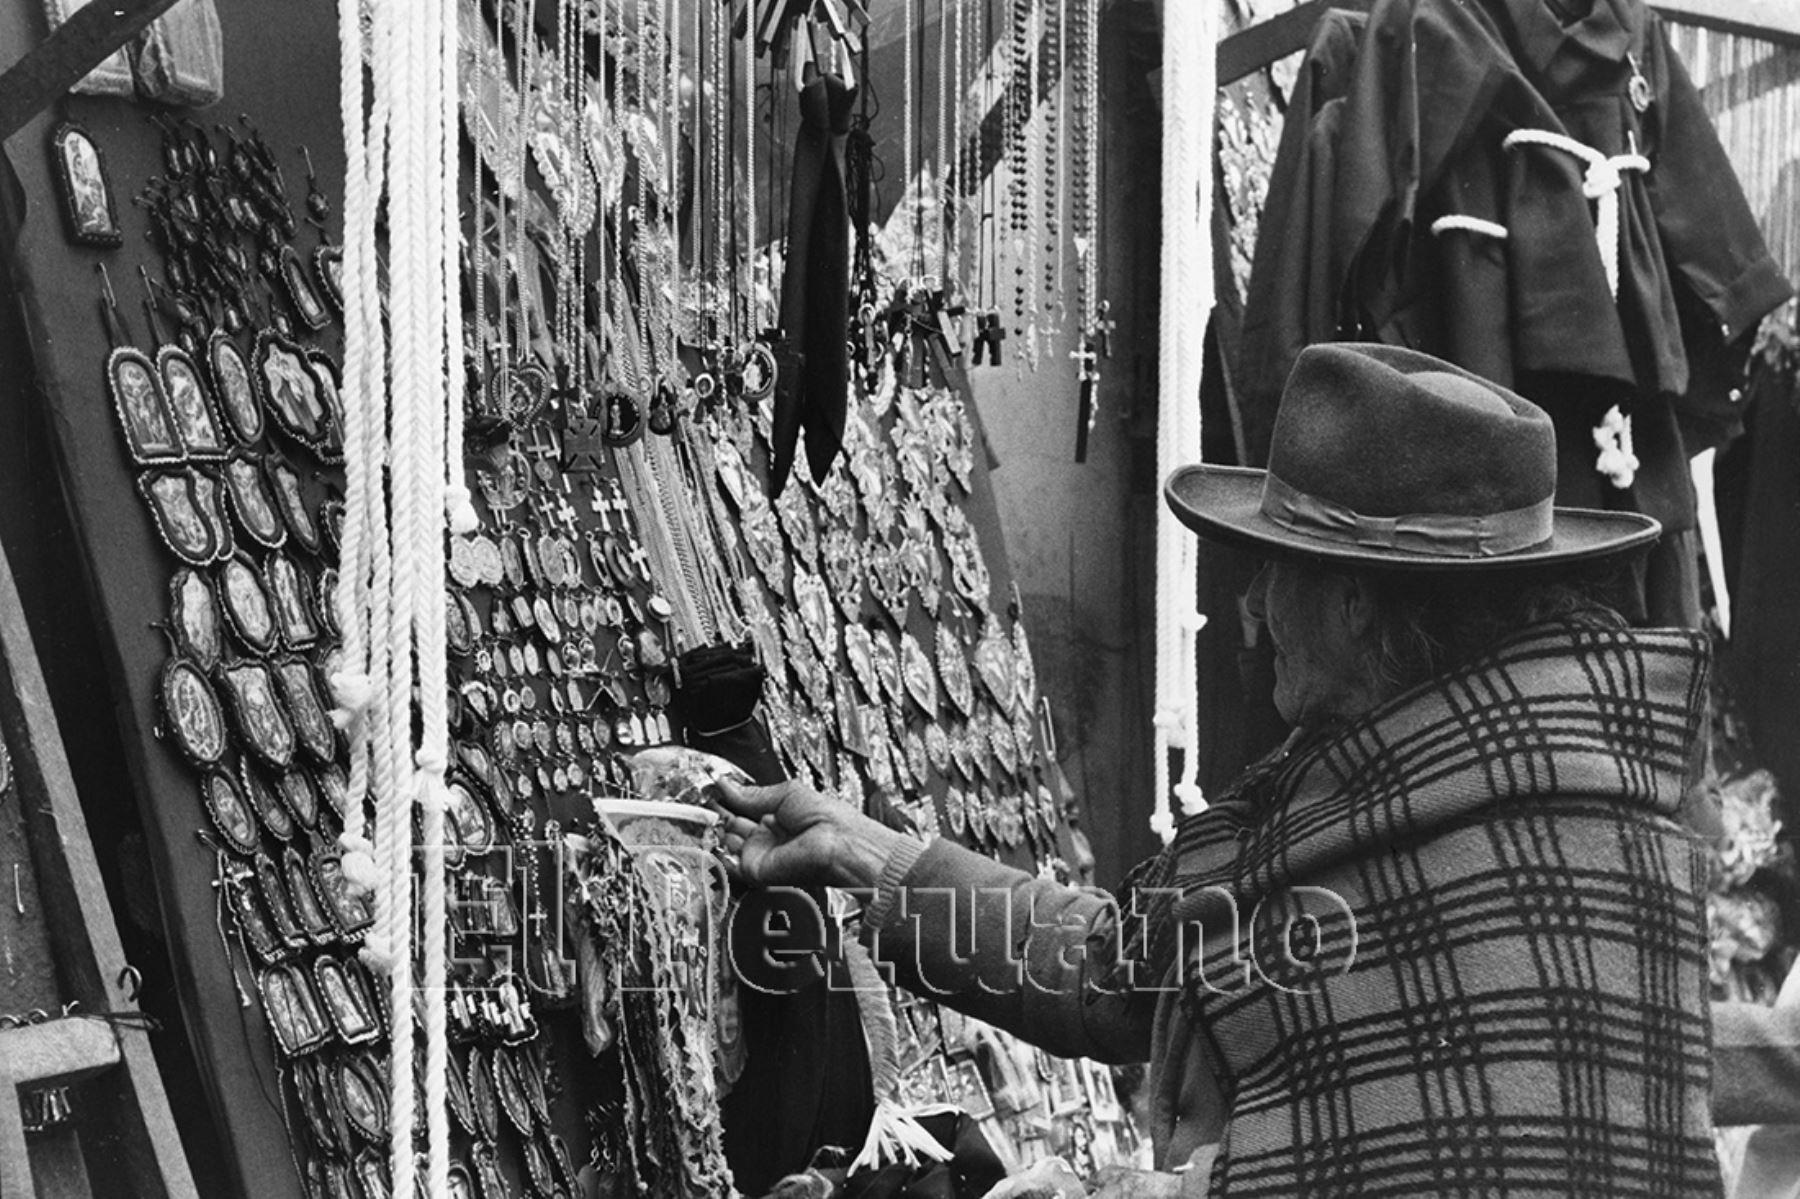 Lima - 4 Octubre 1976 / Una anciana observa los detentes o escapularios que  comercializan los ambulantes en las inmediaciones de la Iglesia las Nazarenas en el mes del Señor de los Milagros. Foto: Archivo Histórico de EL PERUANO / Rolando Ángeles